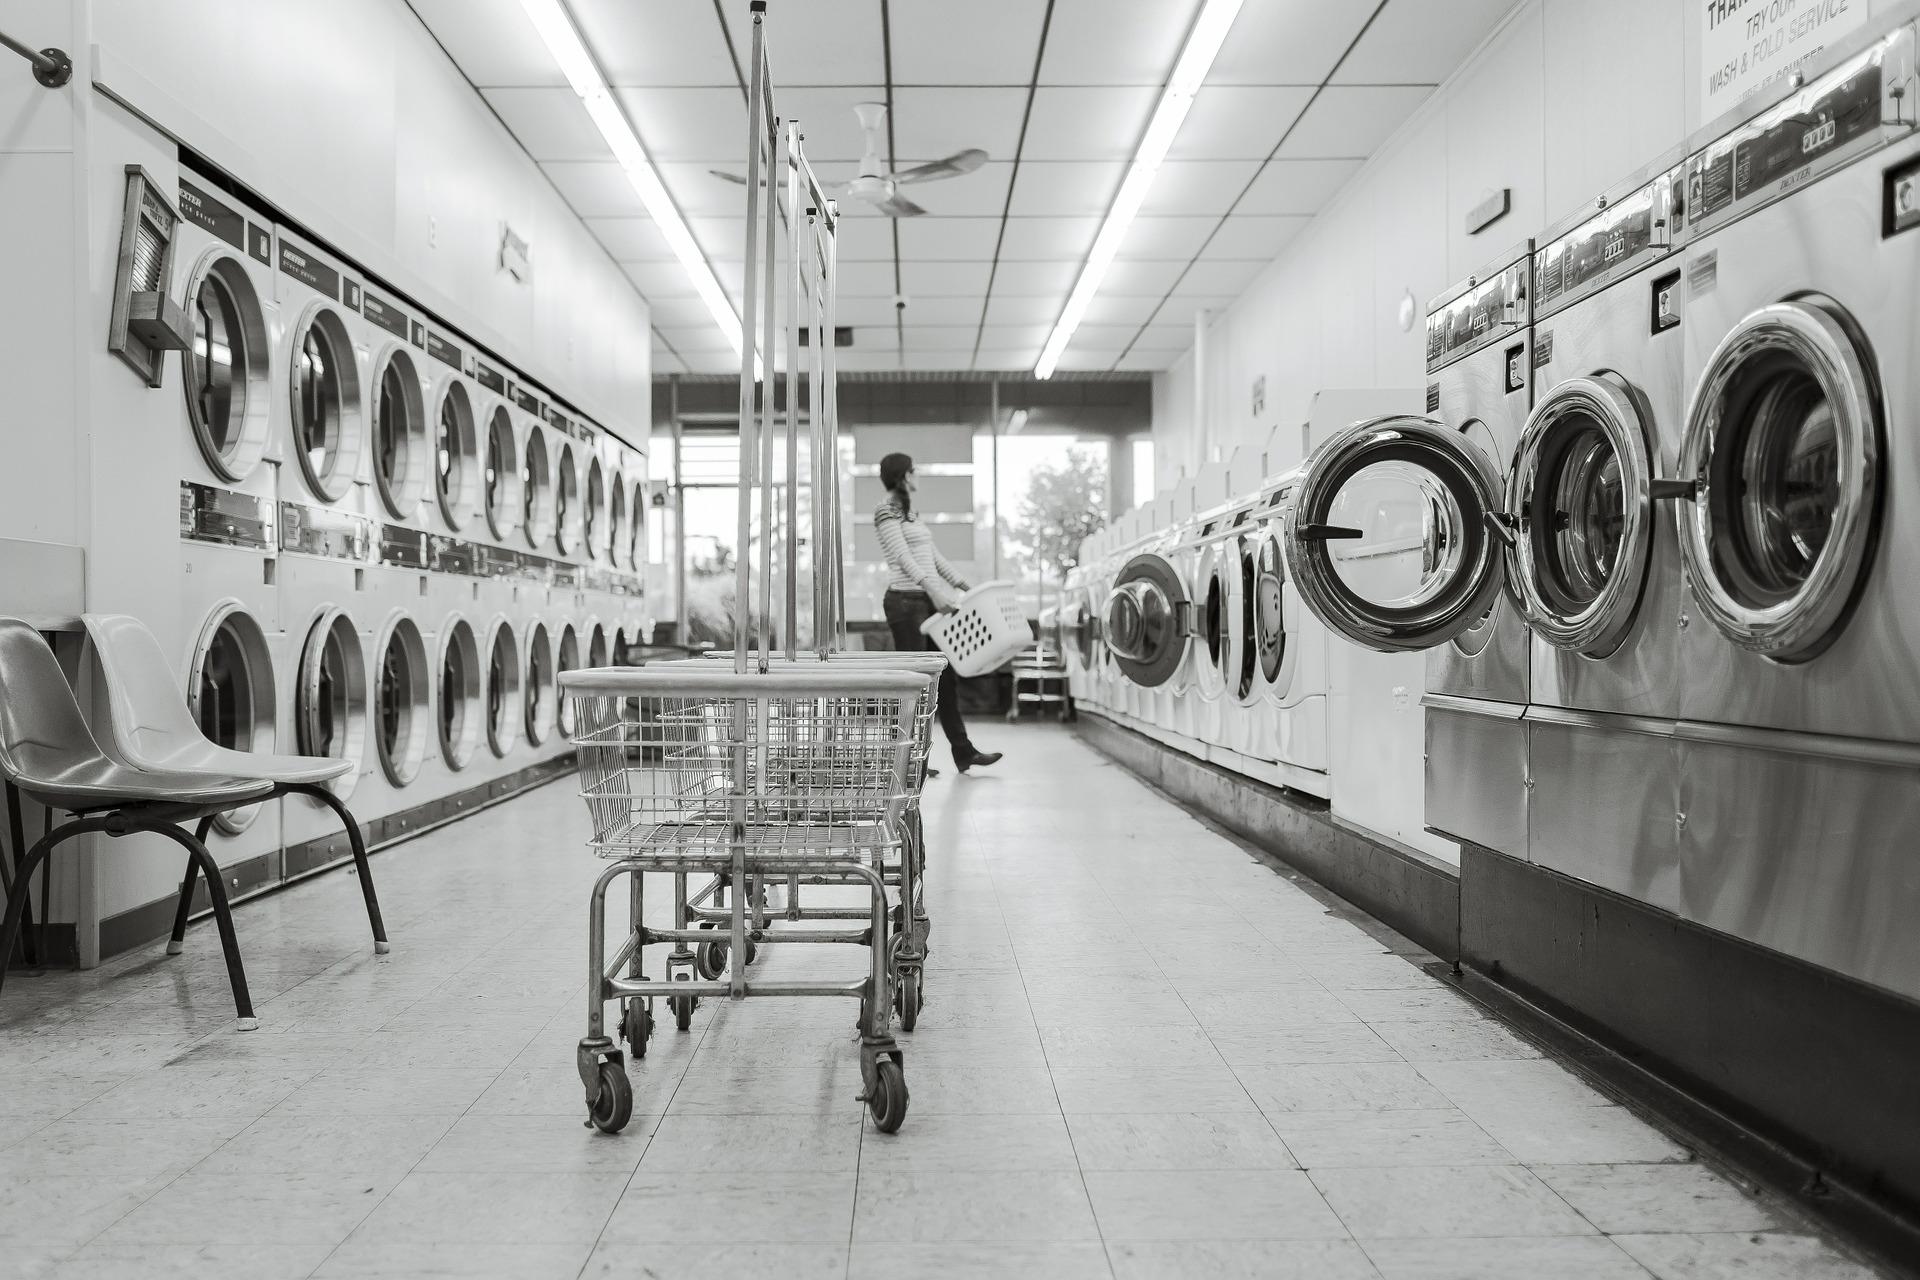 Samoobslužné prádelny vČesku nachází stále více příznivců